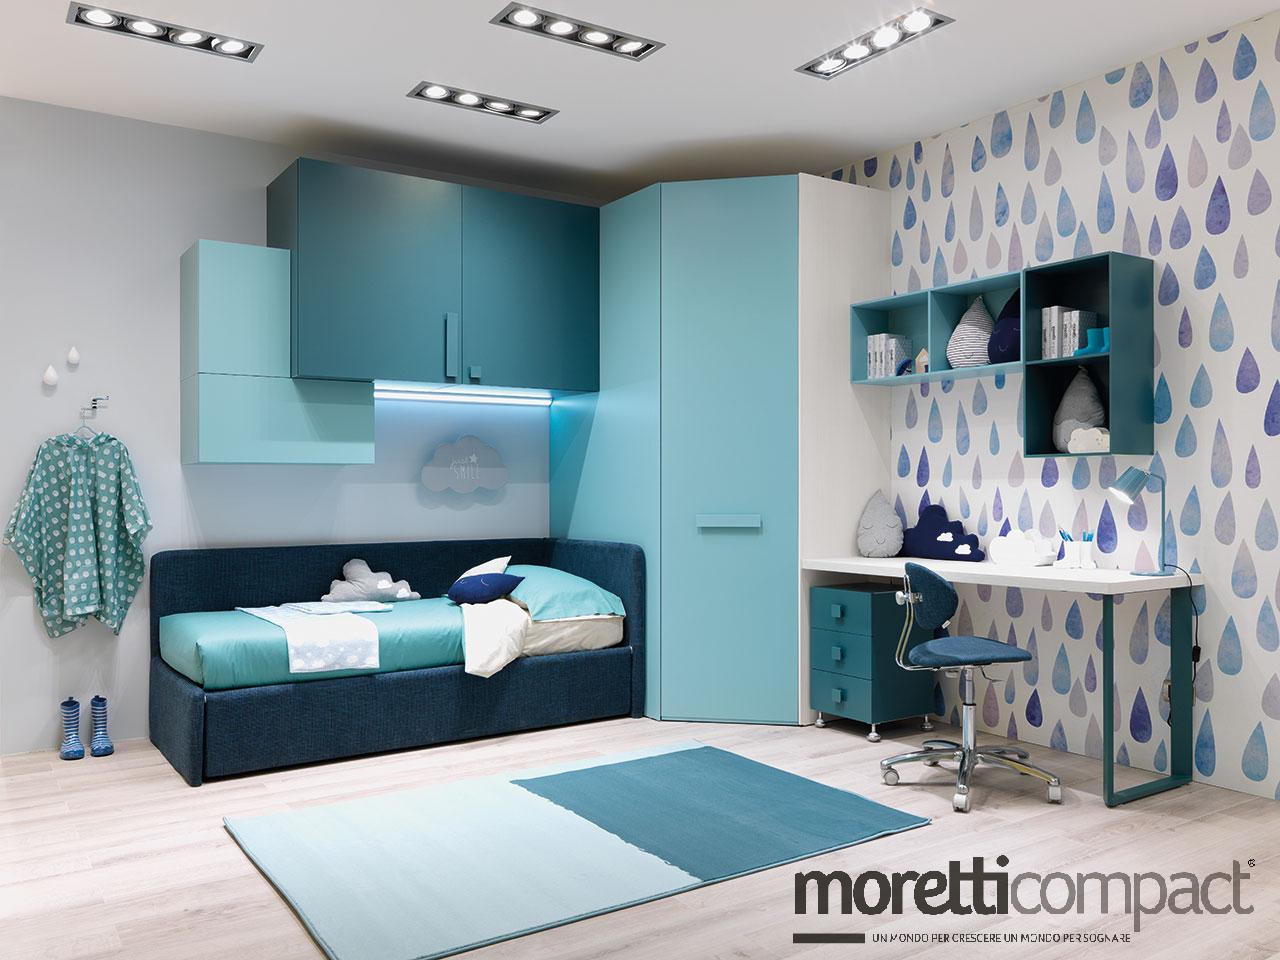 Rivenditore camerette moretti compact for Mobili componibili per camerette